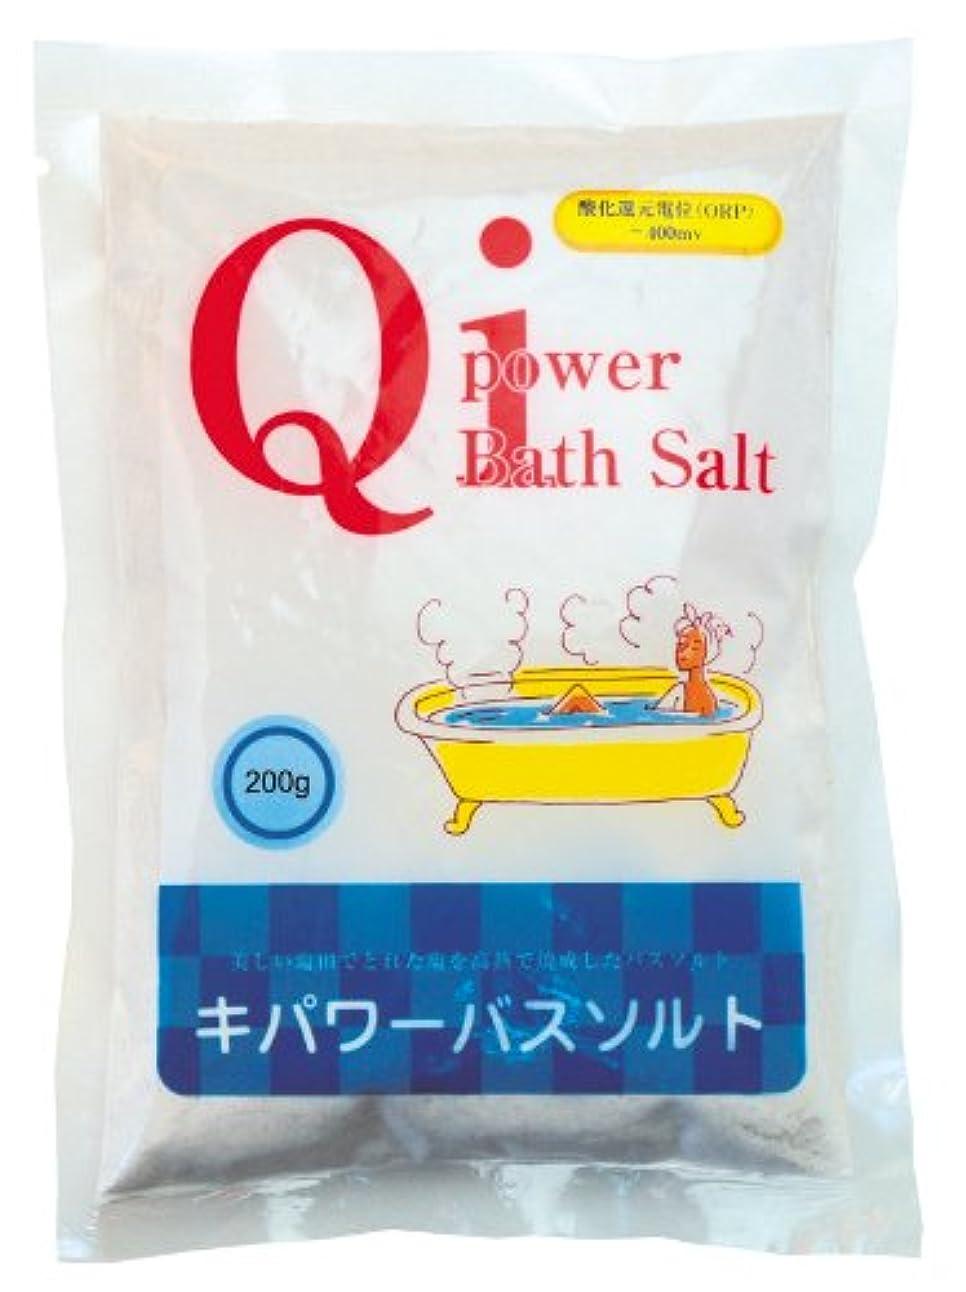 出会い知覚できる包括的キパワー 天日塩を独自高温焼成 キパワーバスソルト 200g 12セット